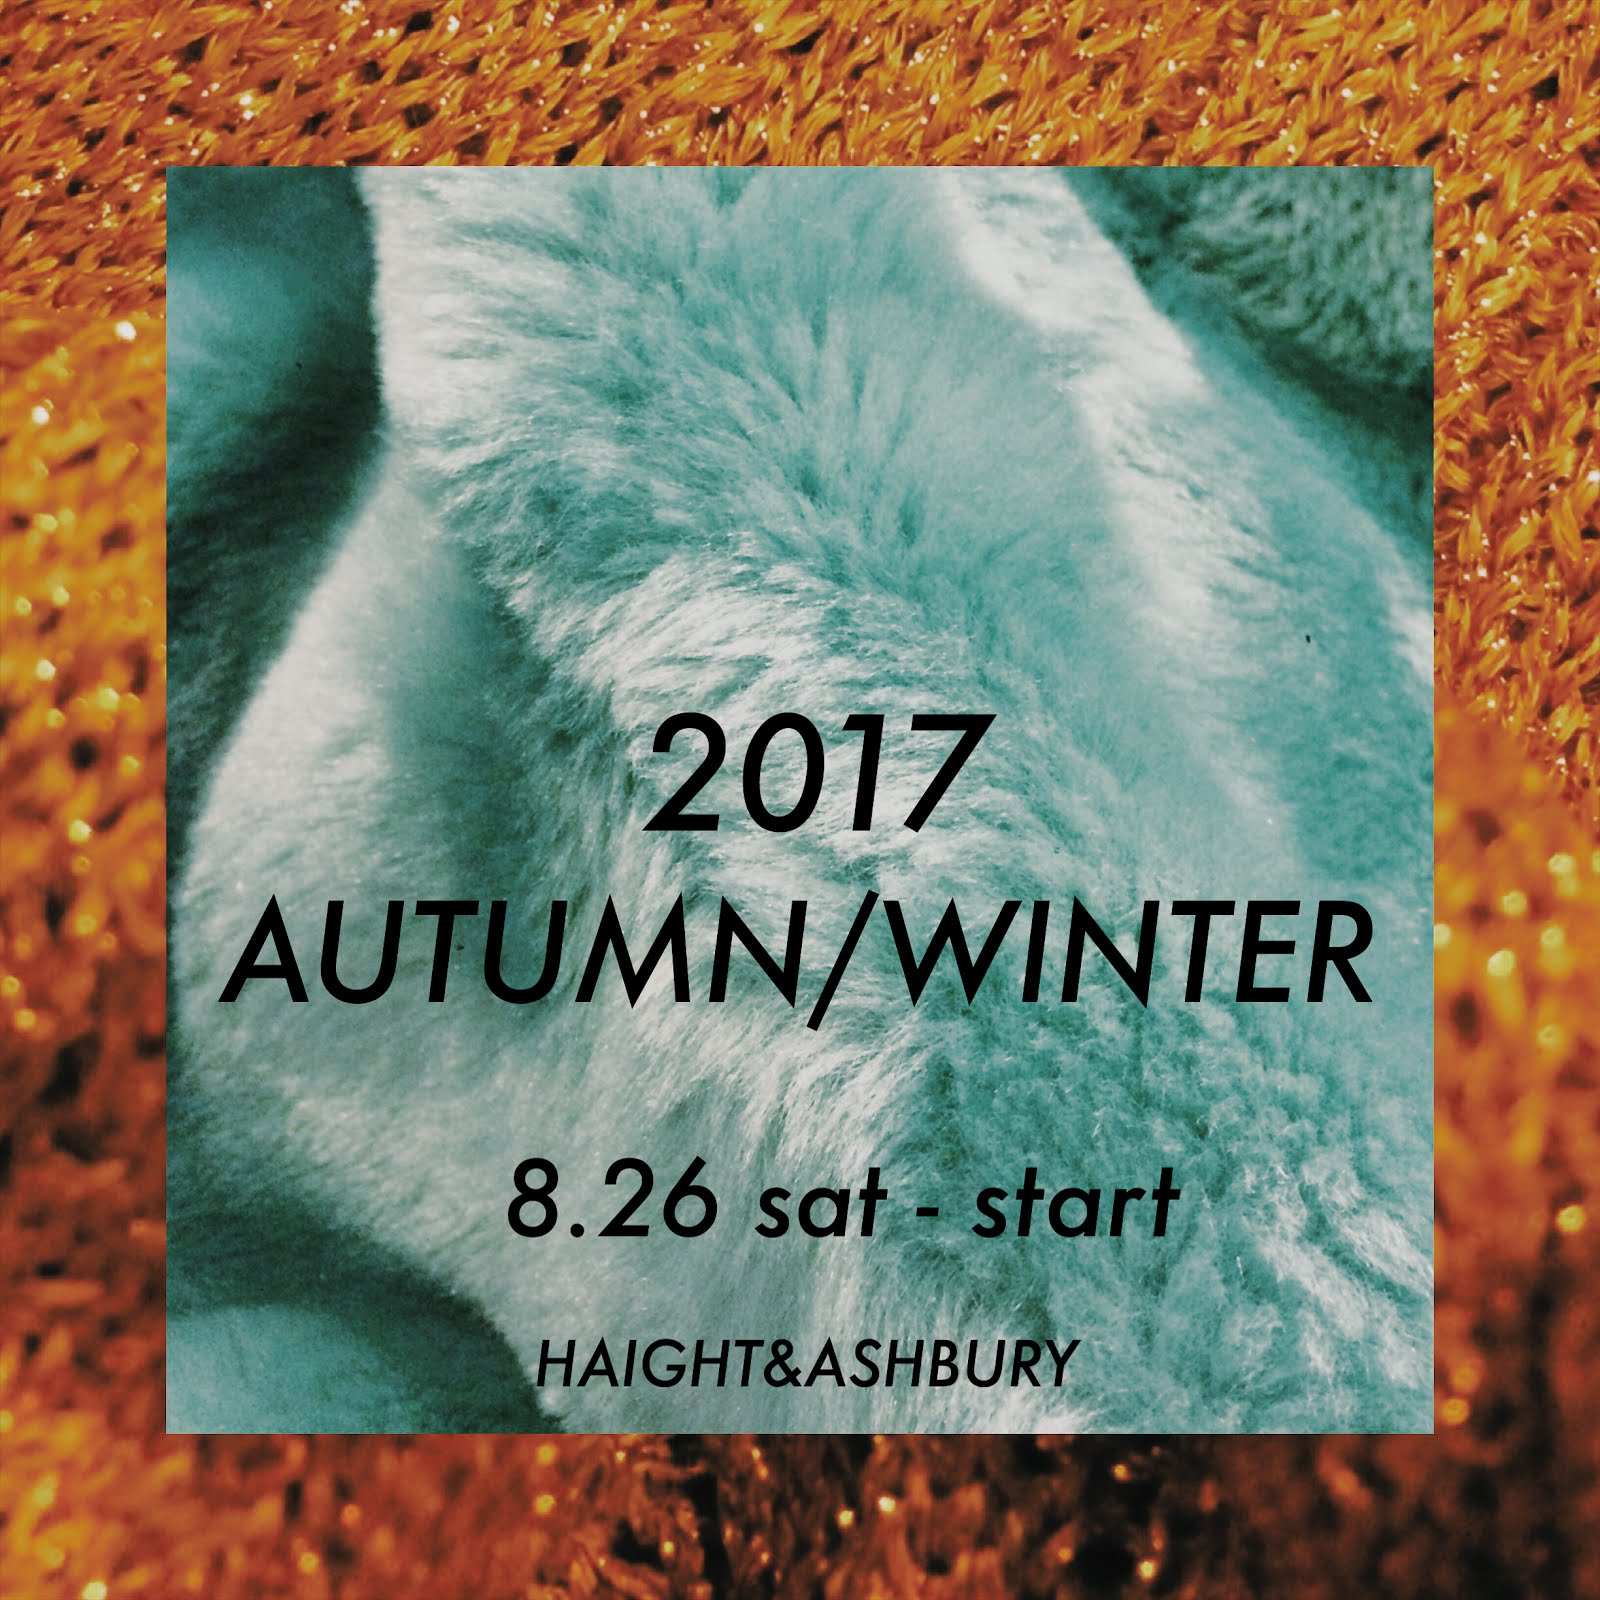 2017.8.26(Sat)- Start!